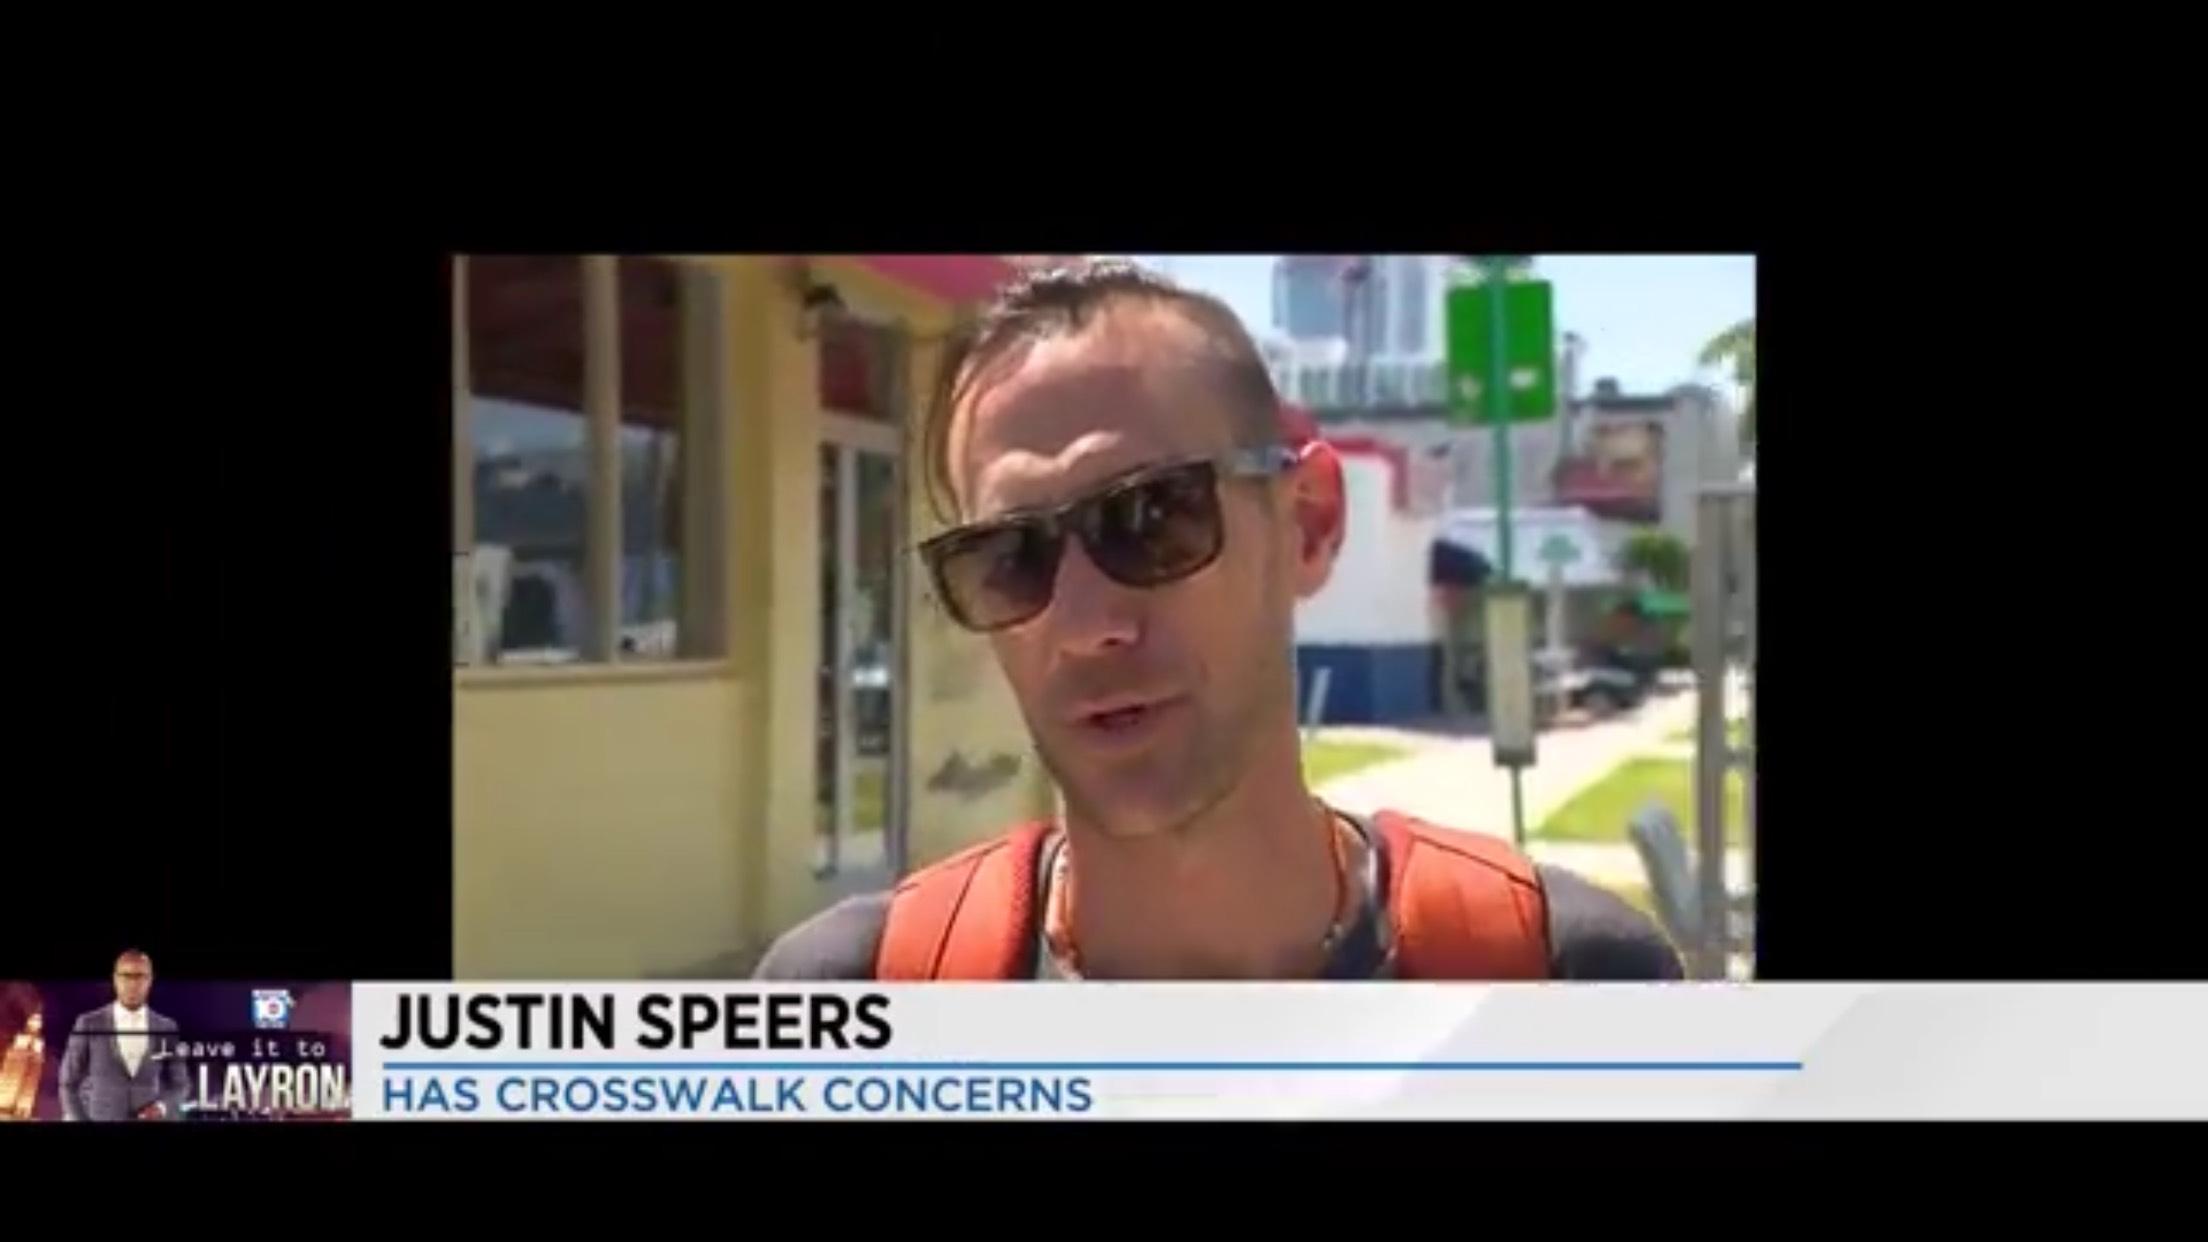 Justin Speers: Has Crosswalk Concerns